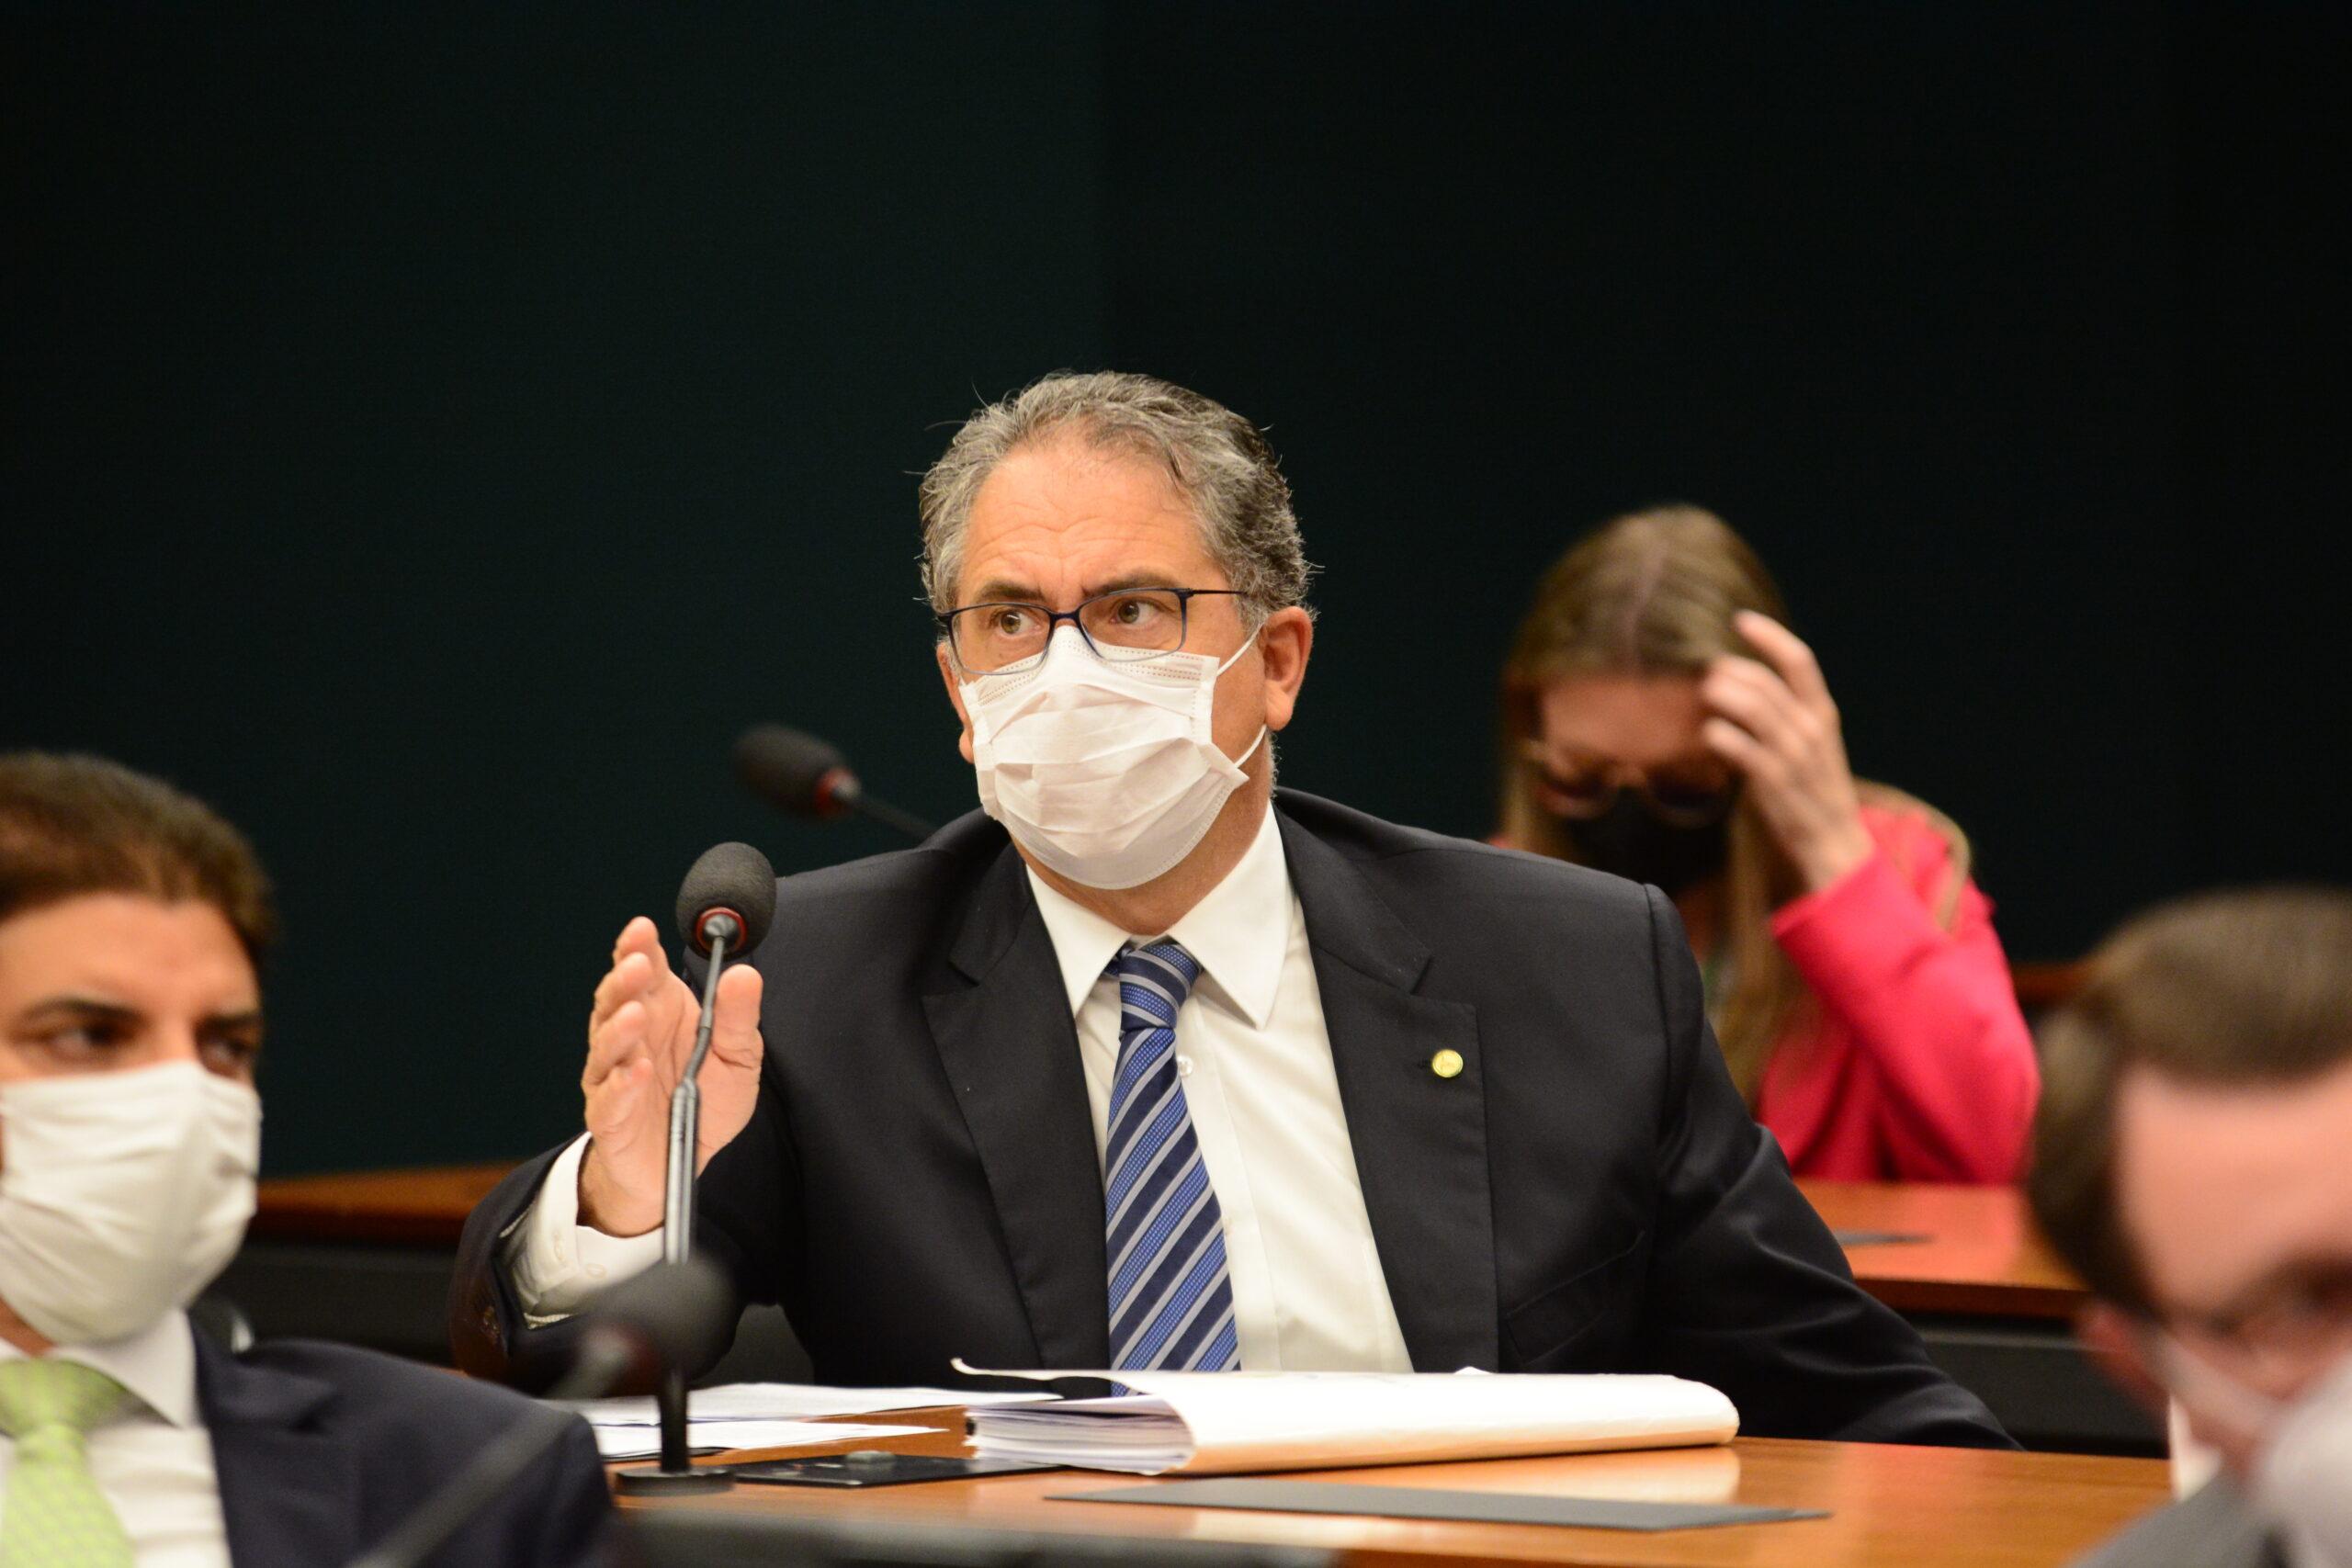 Forças Armadas estão em situação de penúria e governo Bolsonaro não toma nenhuma providência, critica Zarattini